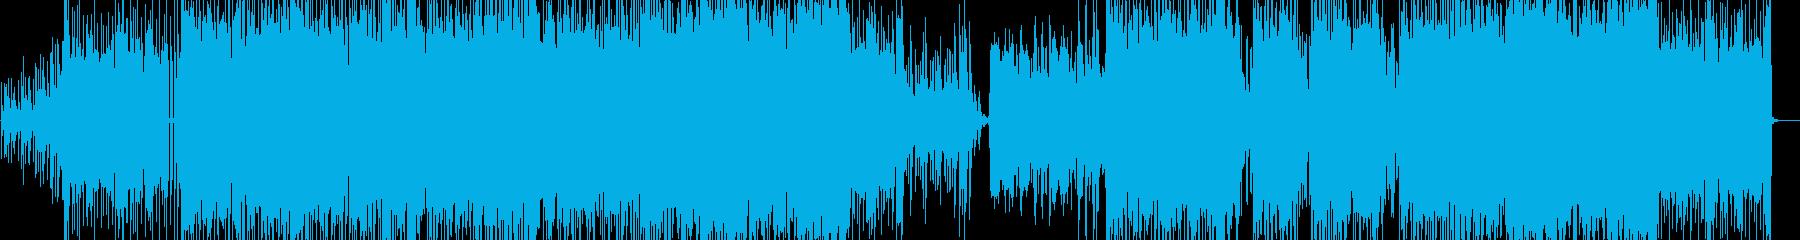 煌びやかで不思議なエレクトロニカ・ポップの再生済みの波形